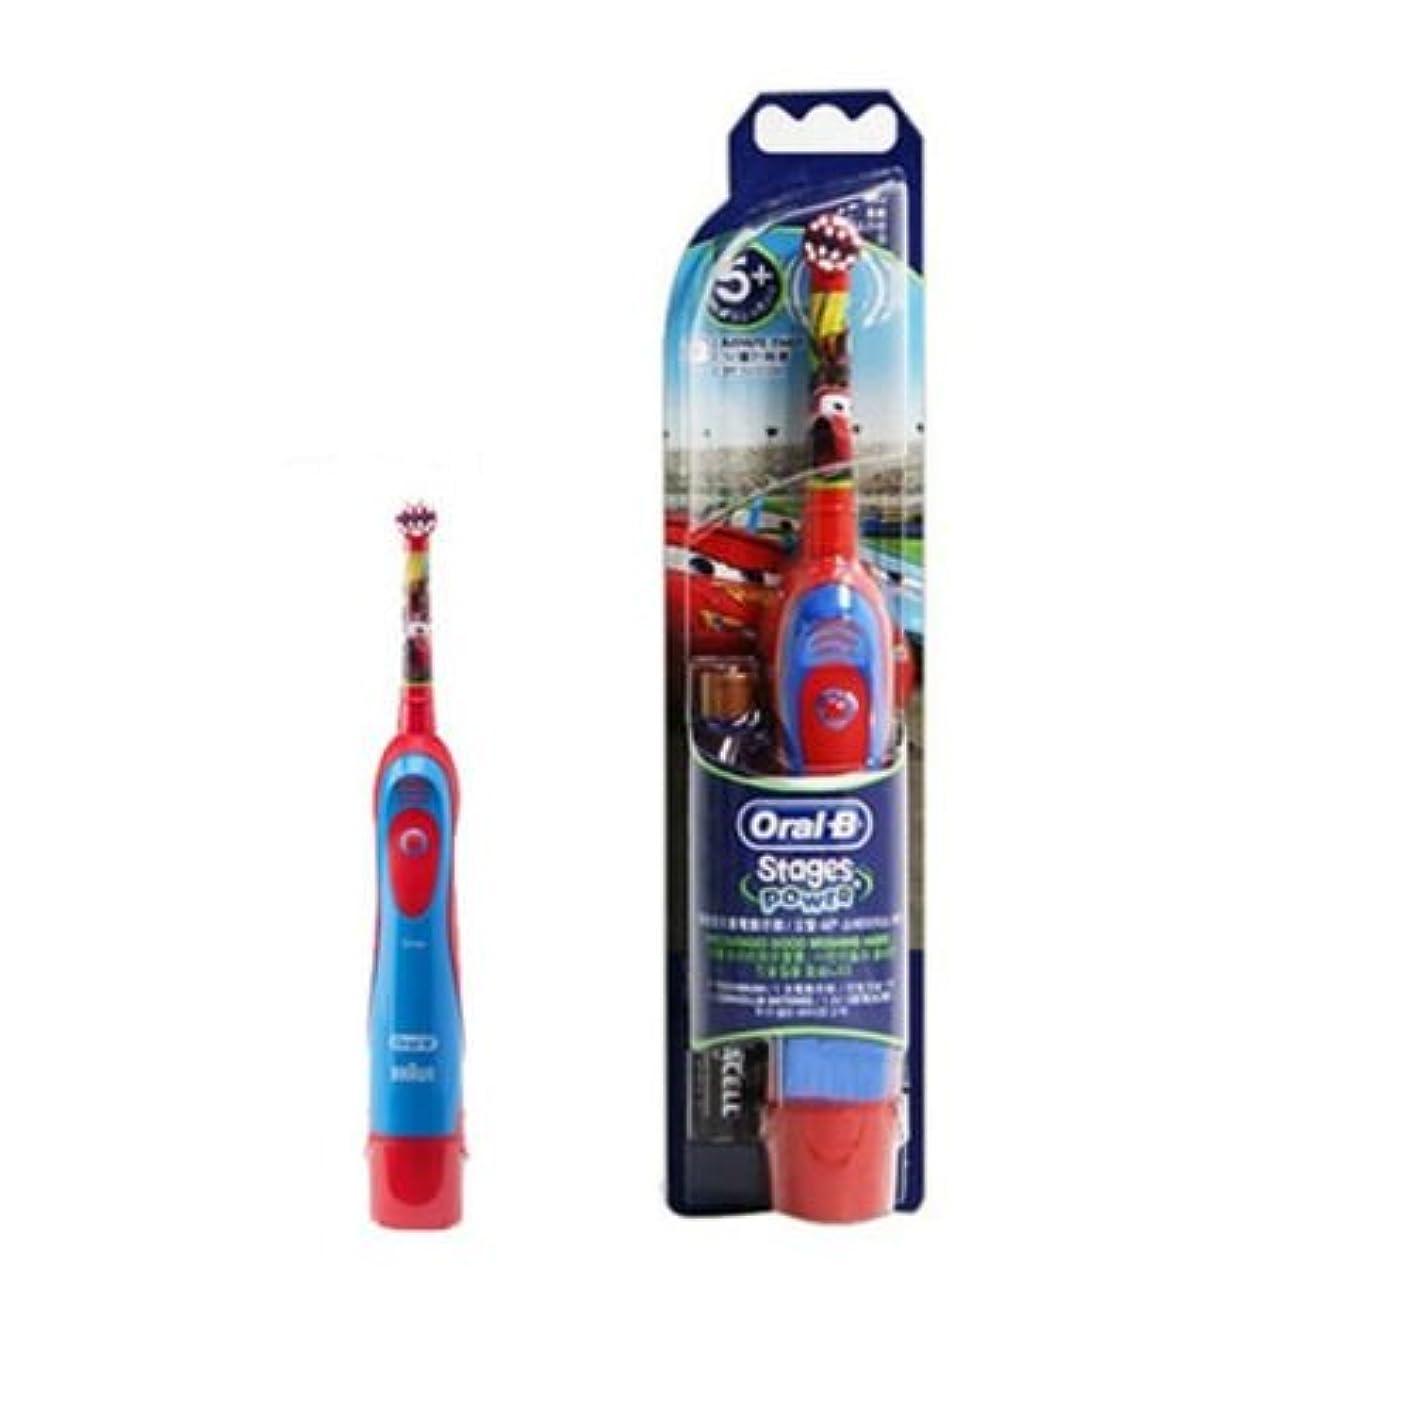 デコラティブルーキードキュメンタリーBraun Oral-B D2 D2010 Disney Car Kids 電動歯ブラシ [並行輸入品]